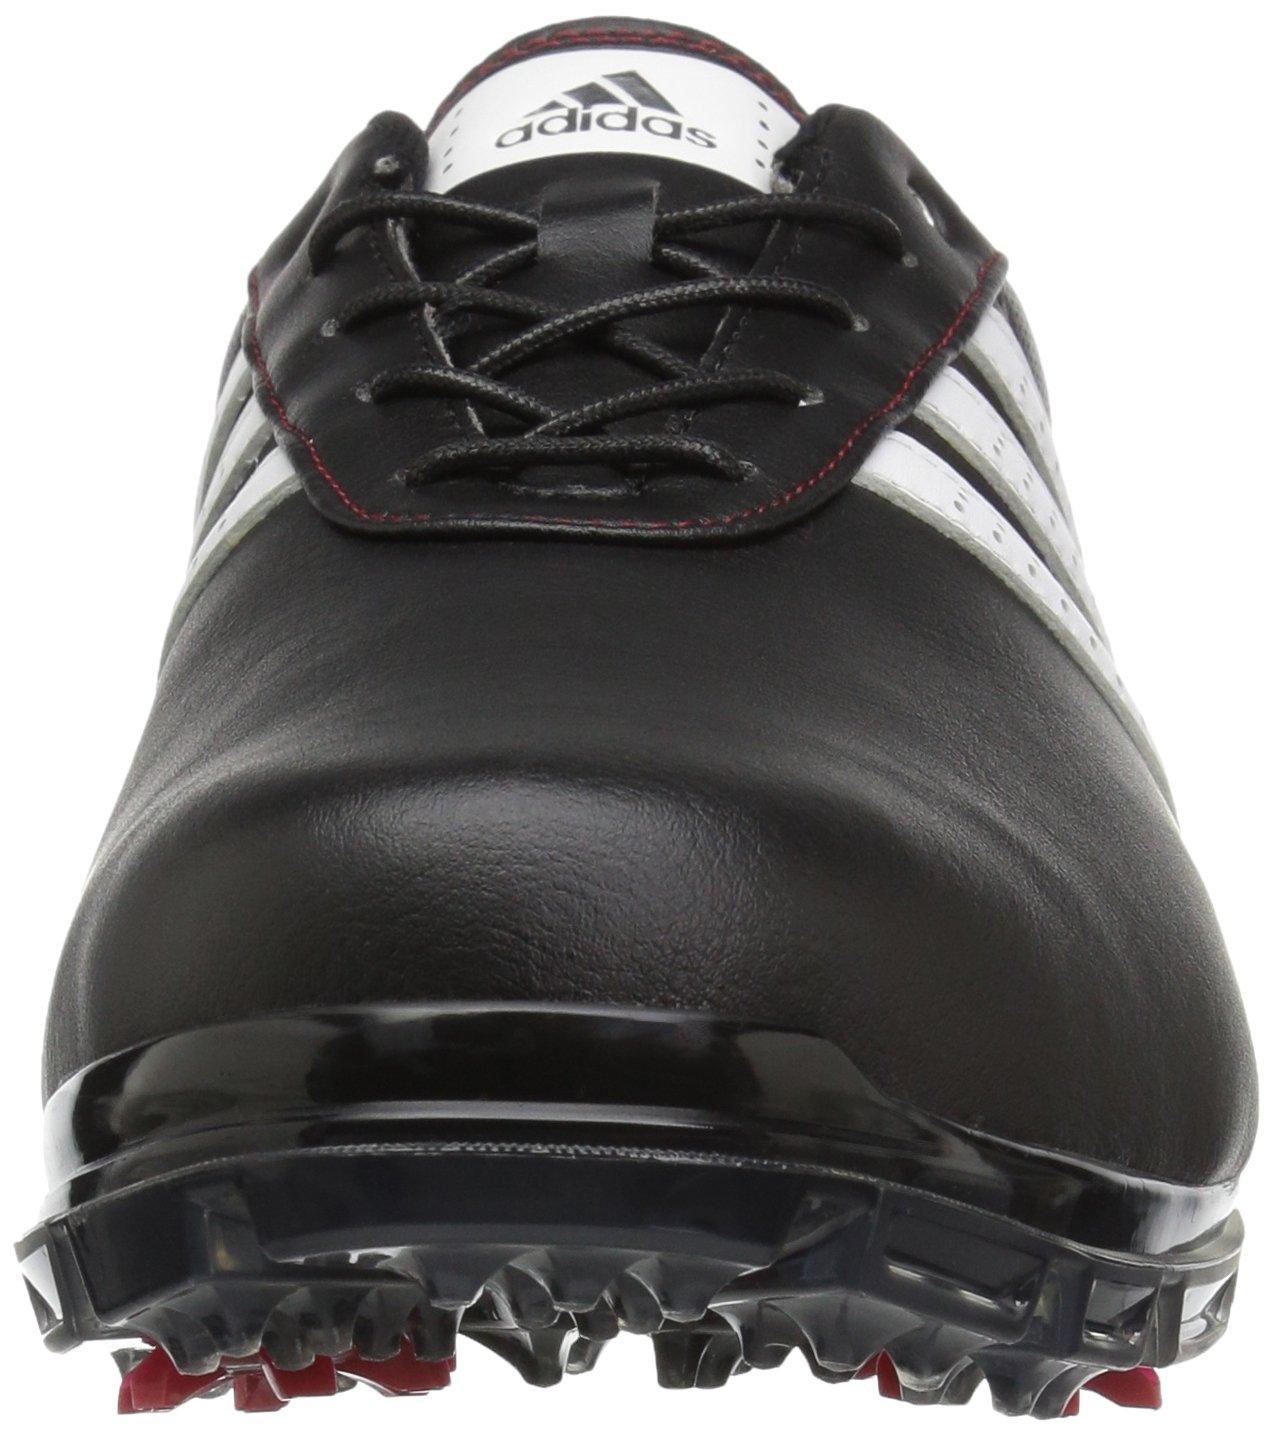 cheap for discount bc148 d6252 Zapatillas de golf Adidas Adipure Flex para hombre Núcleo Negro  Blanco   Poder Rojo